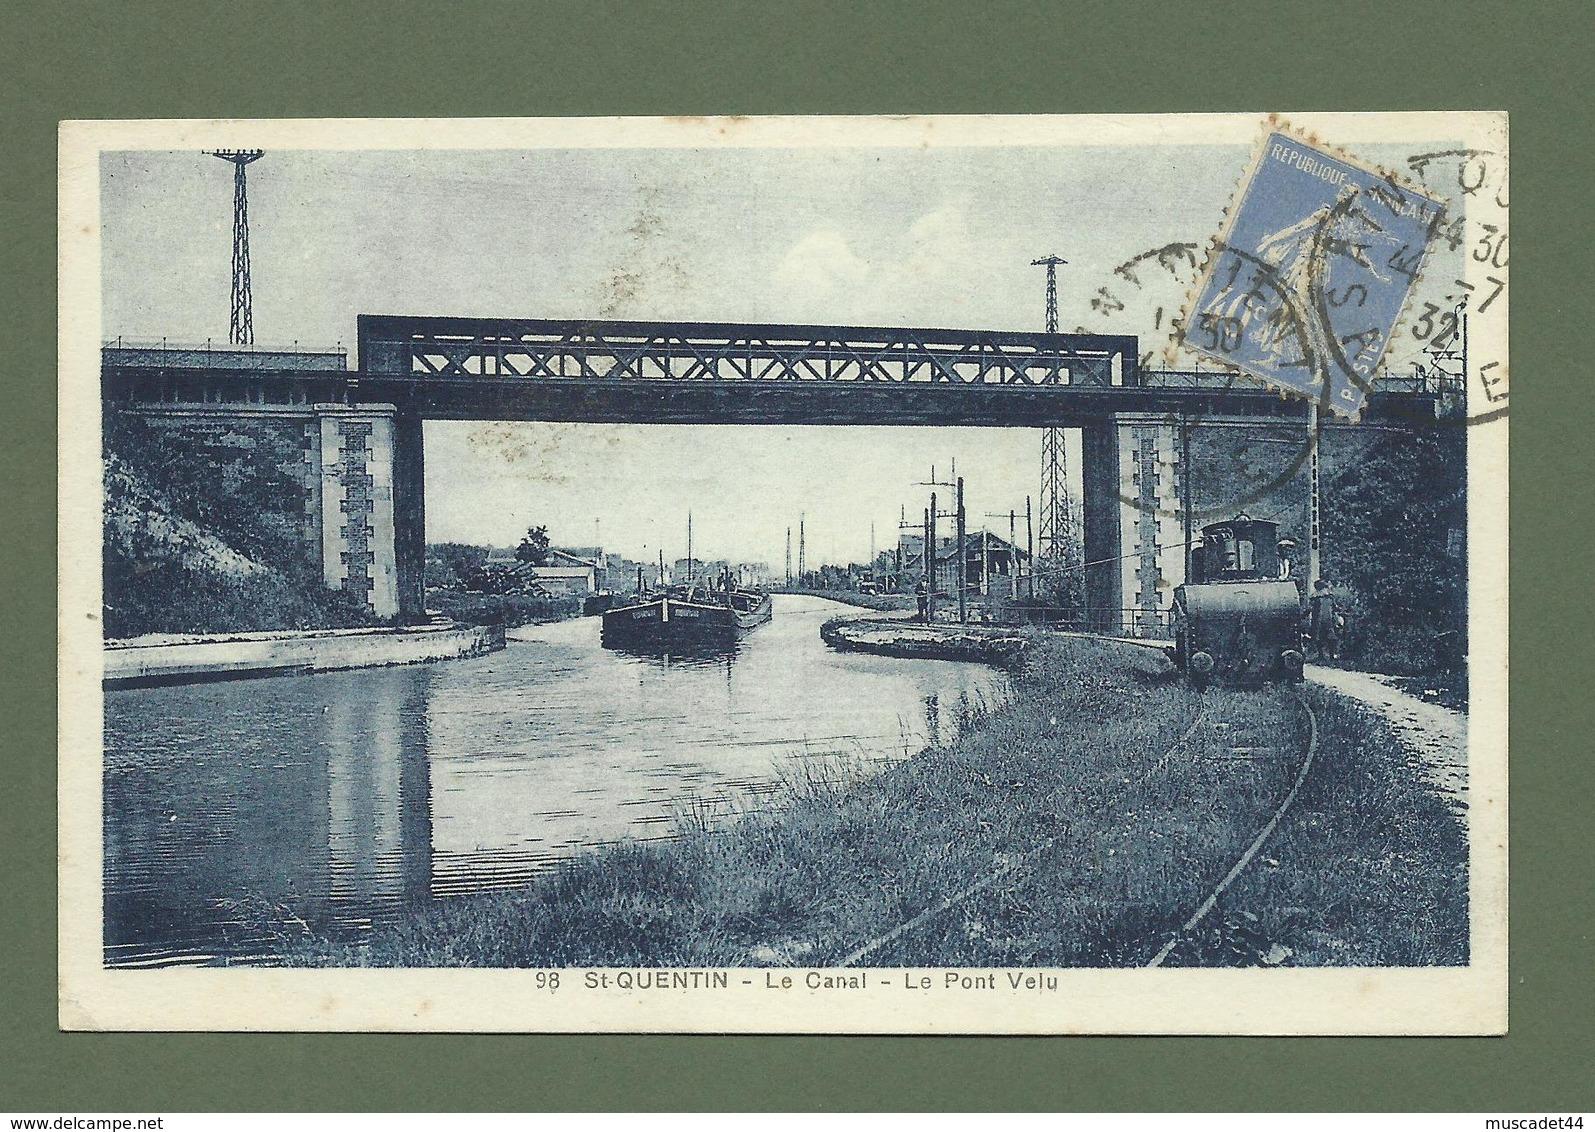 CARTE POSTALE  02 AISNE ST QUENTIN LE CANAL LE PONT VELU - Saint Quentin